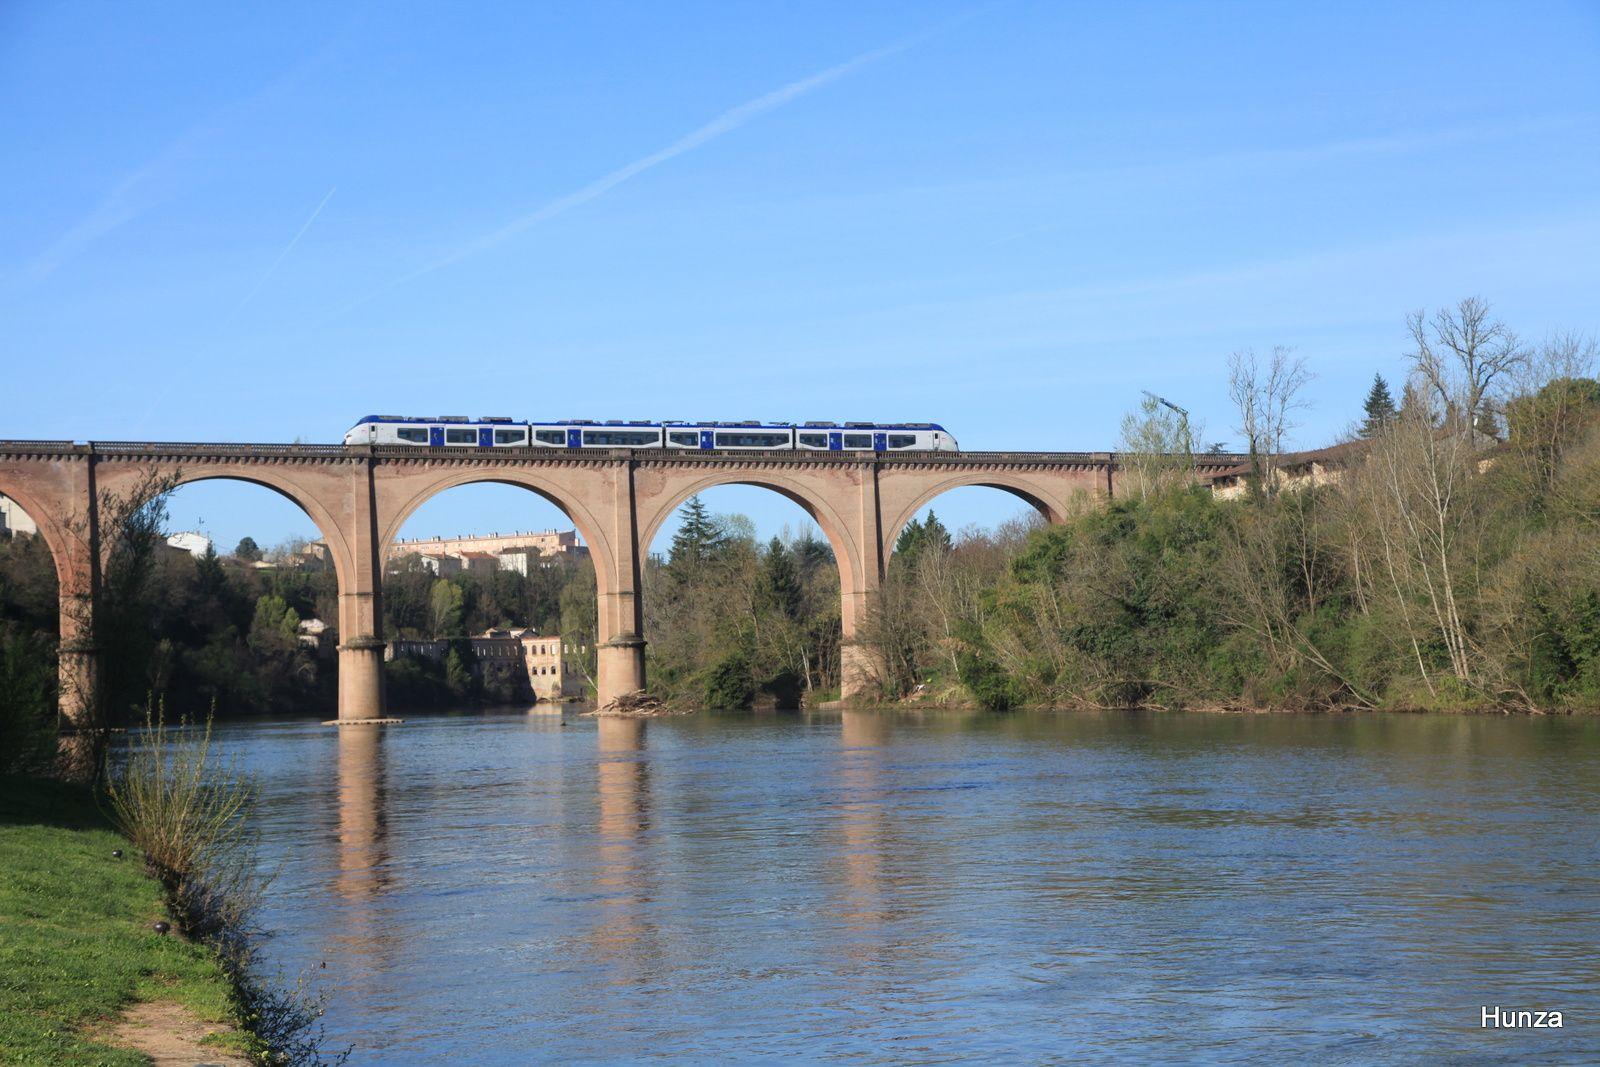 Passage du TER n°870050 Toulouse - Carmaux (29 mars 2017)